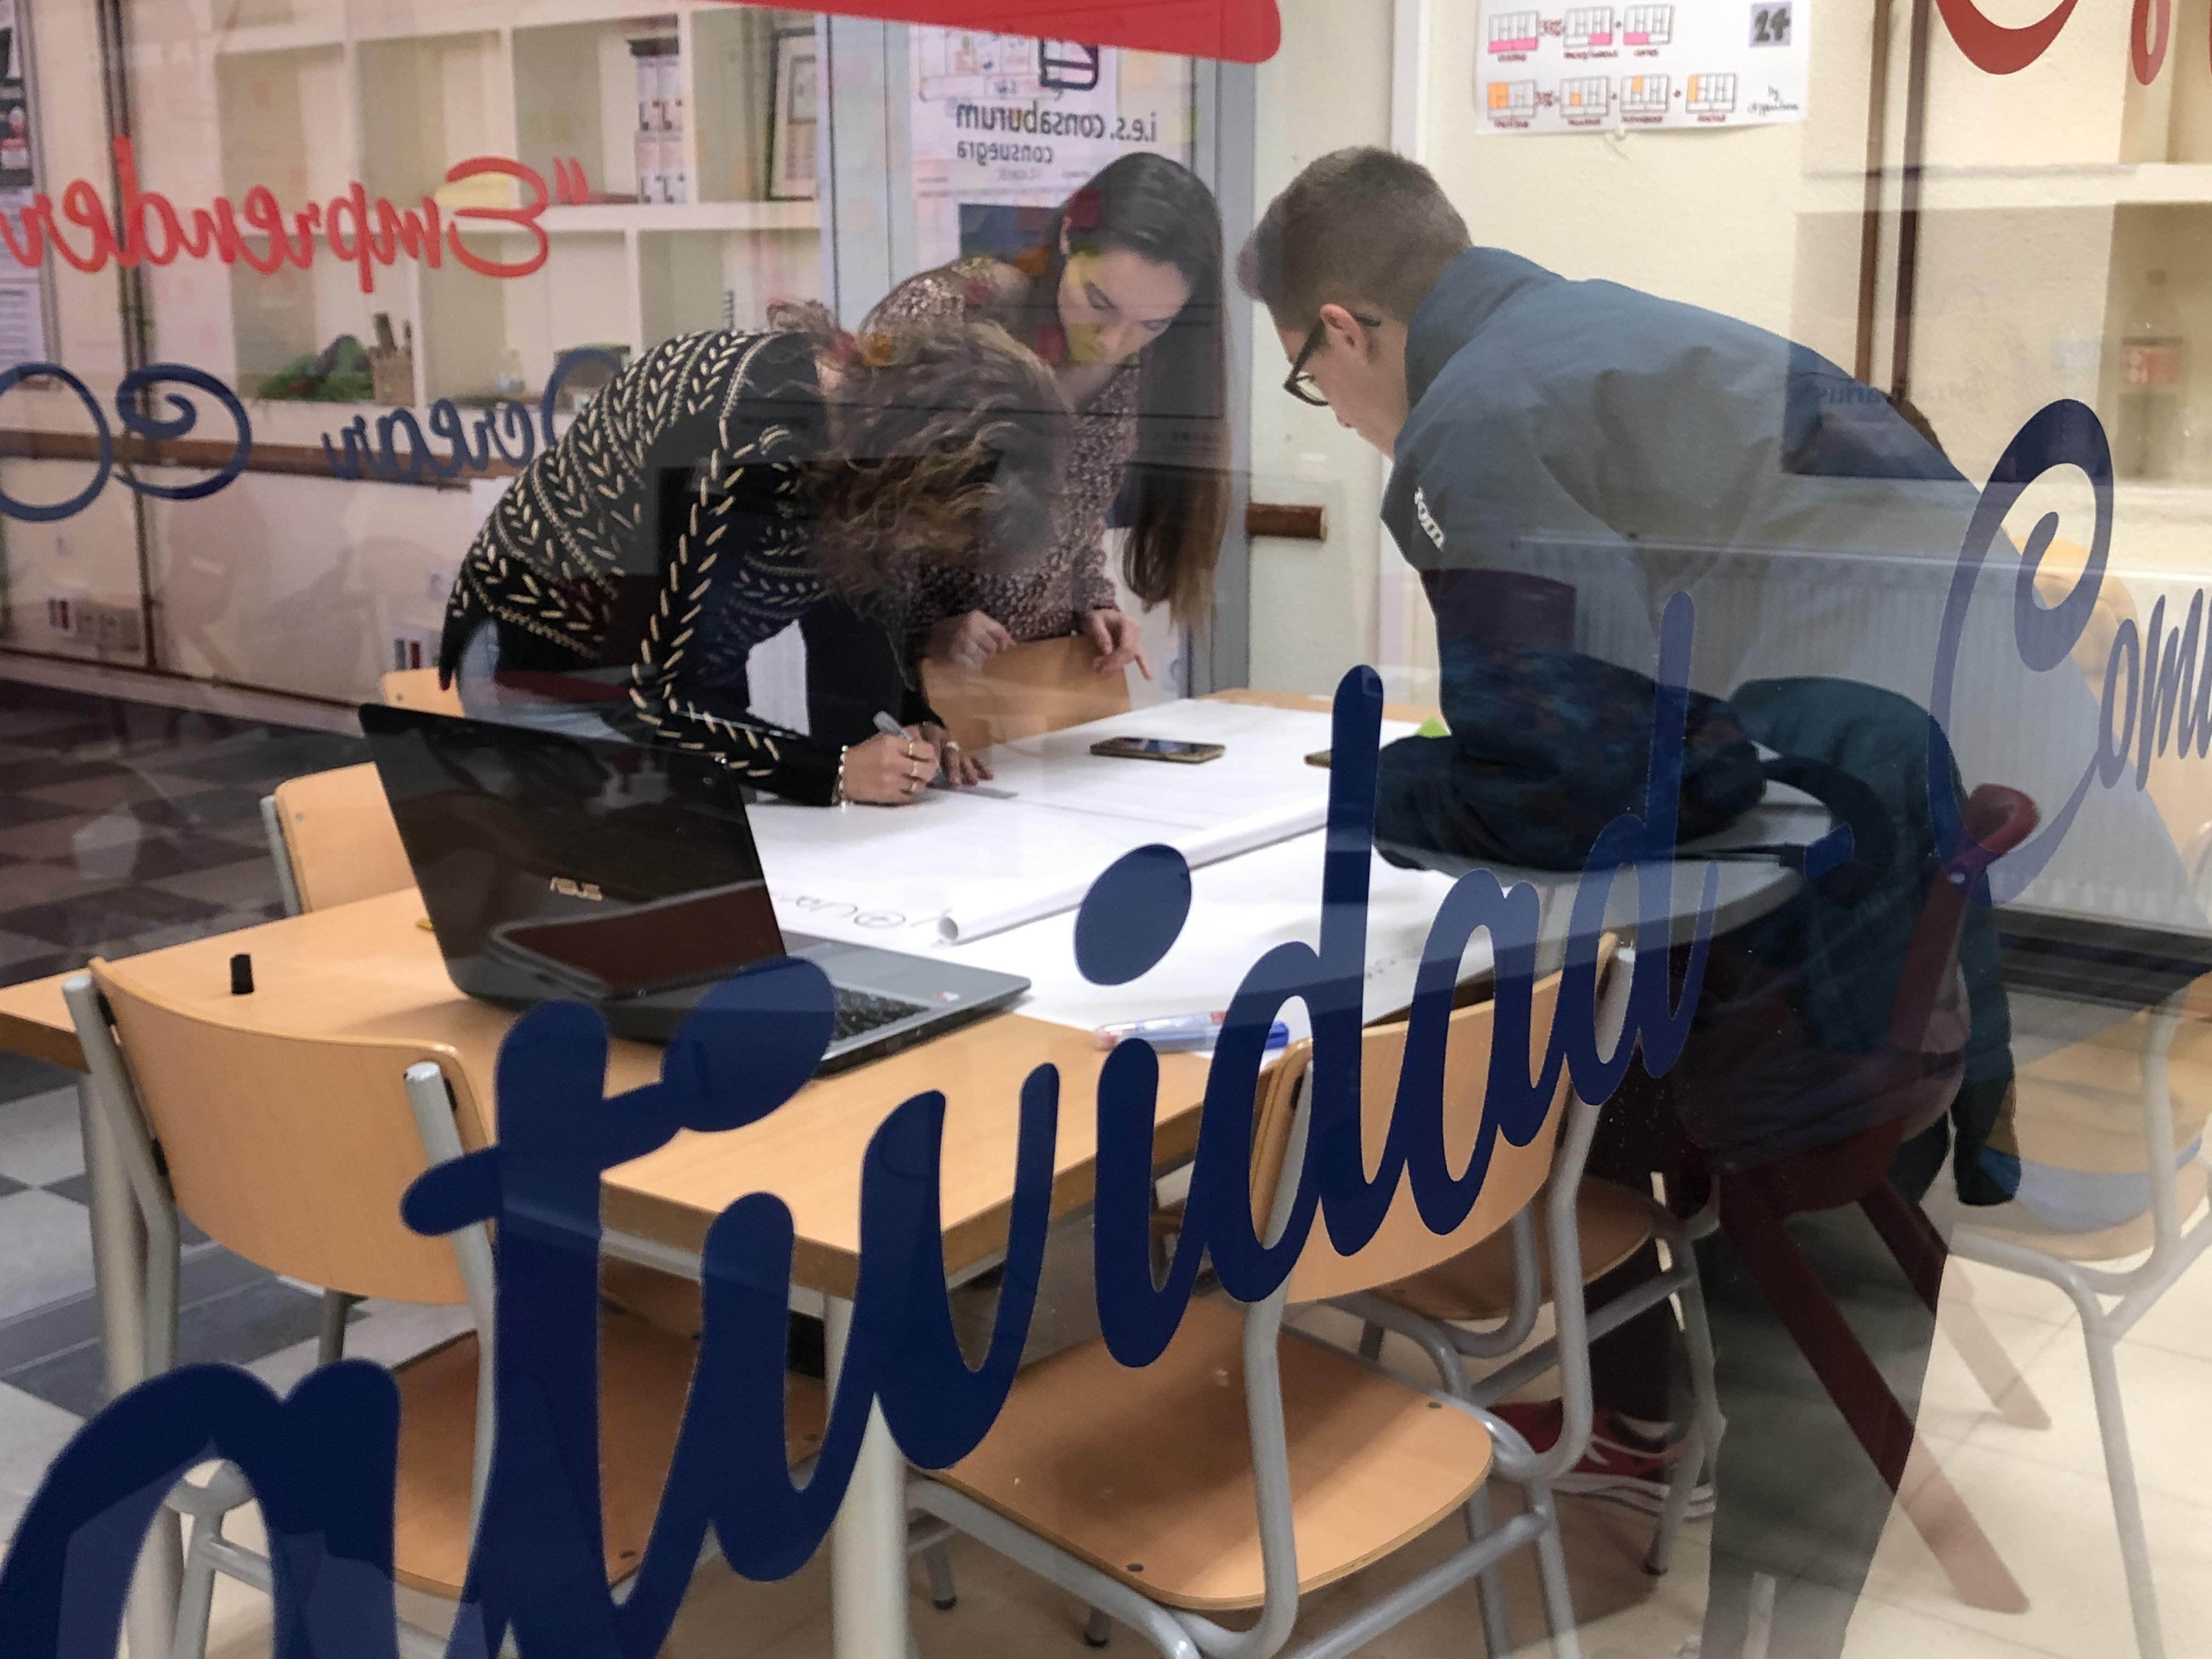 Estudiantes trabajando con un portátil